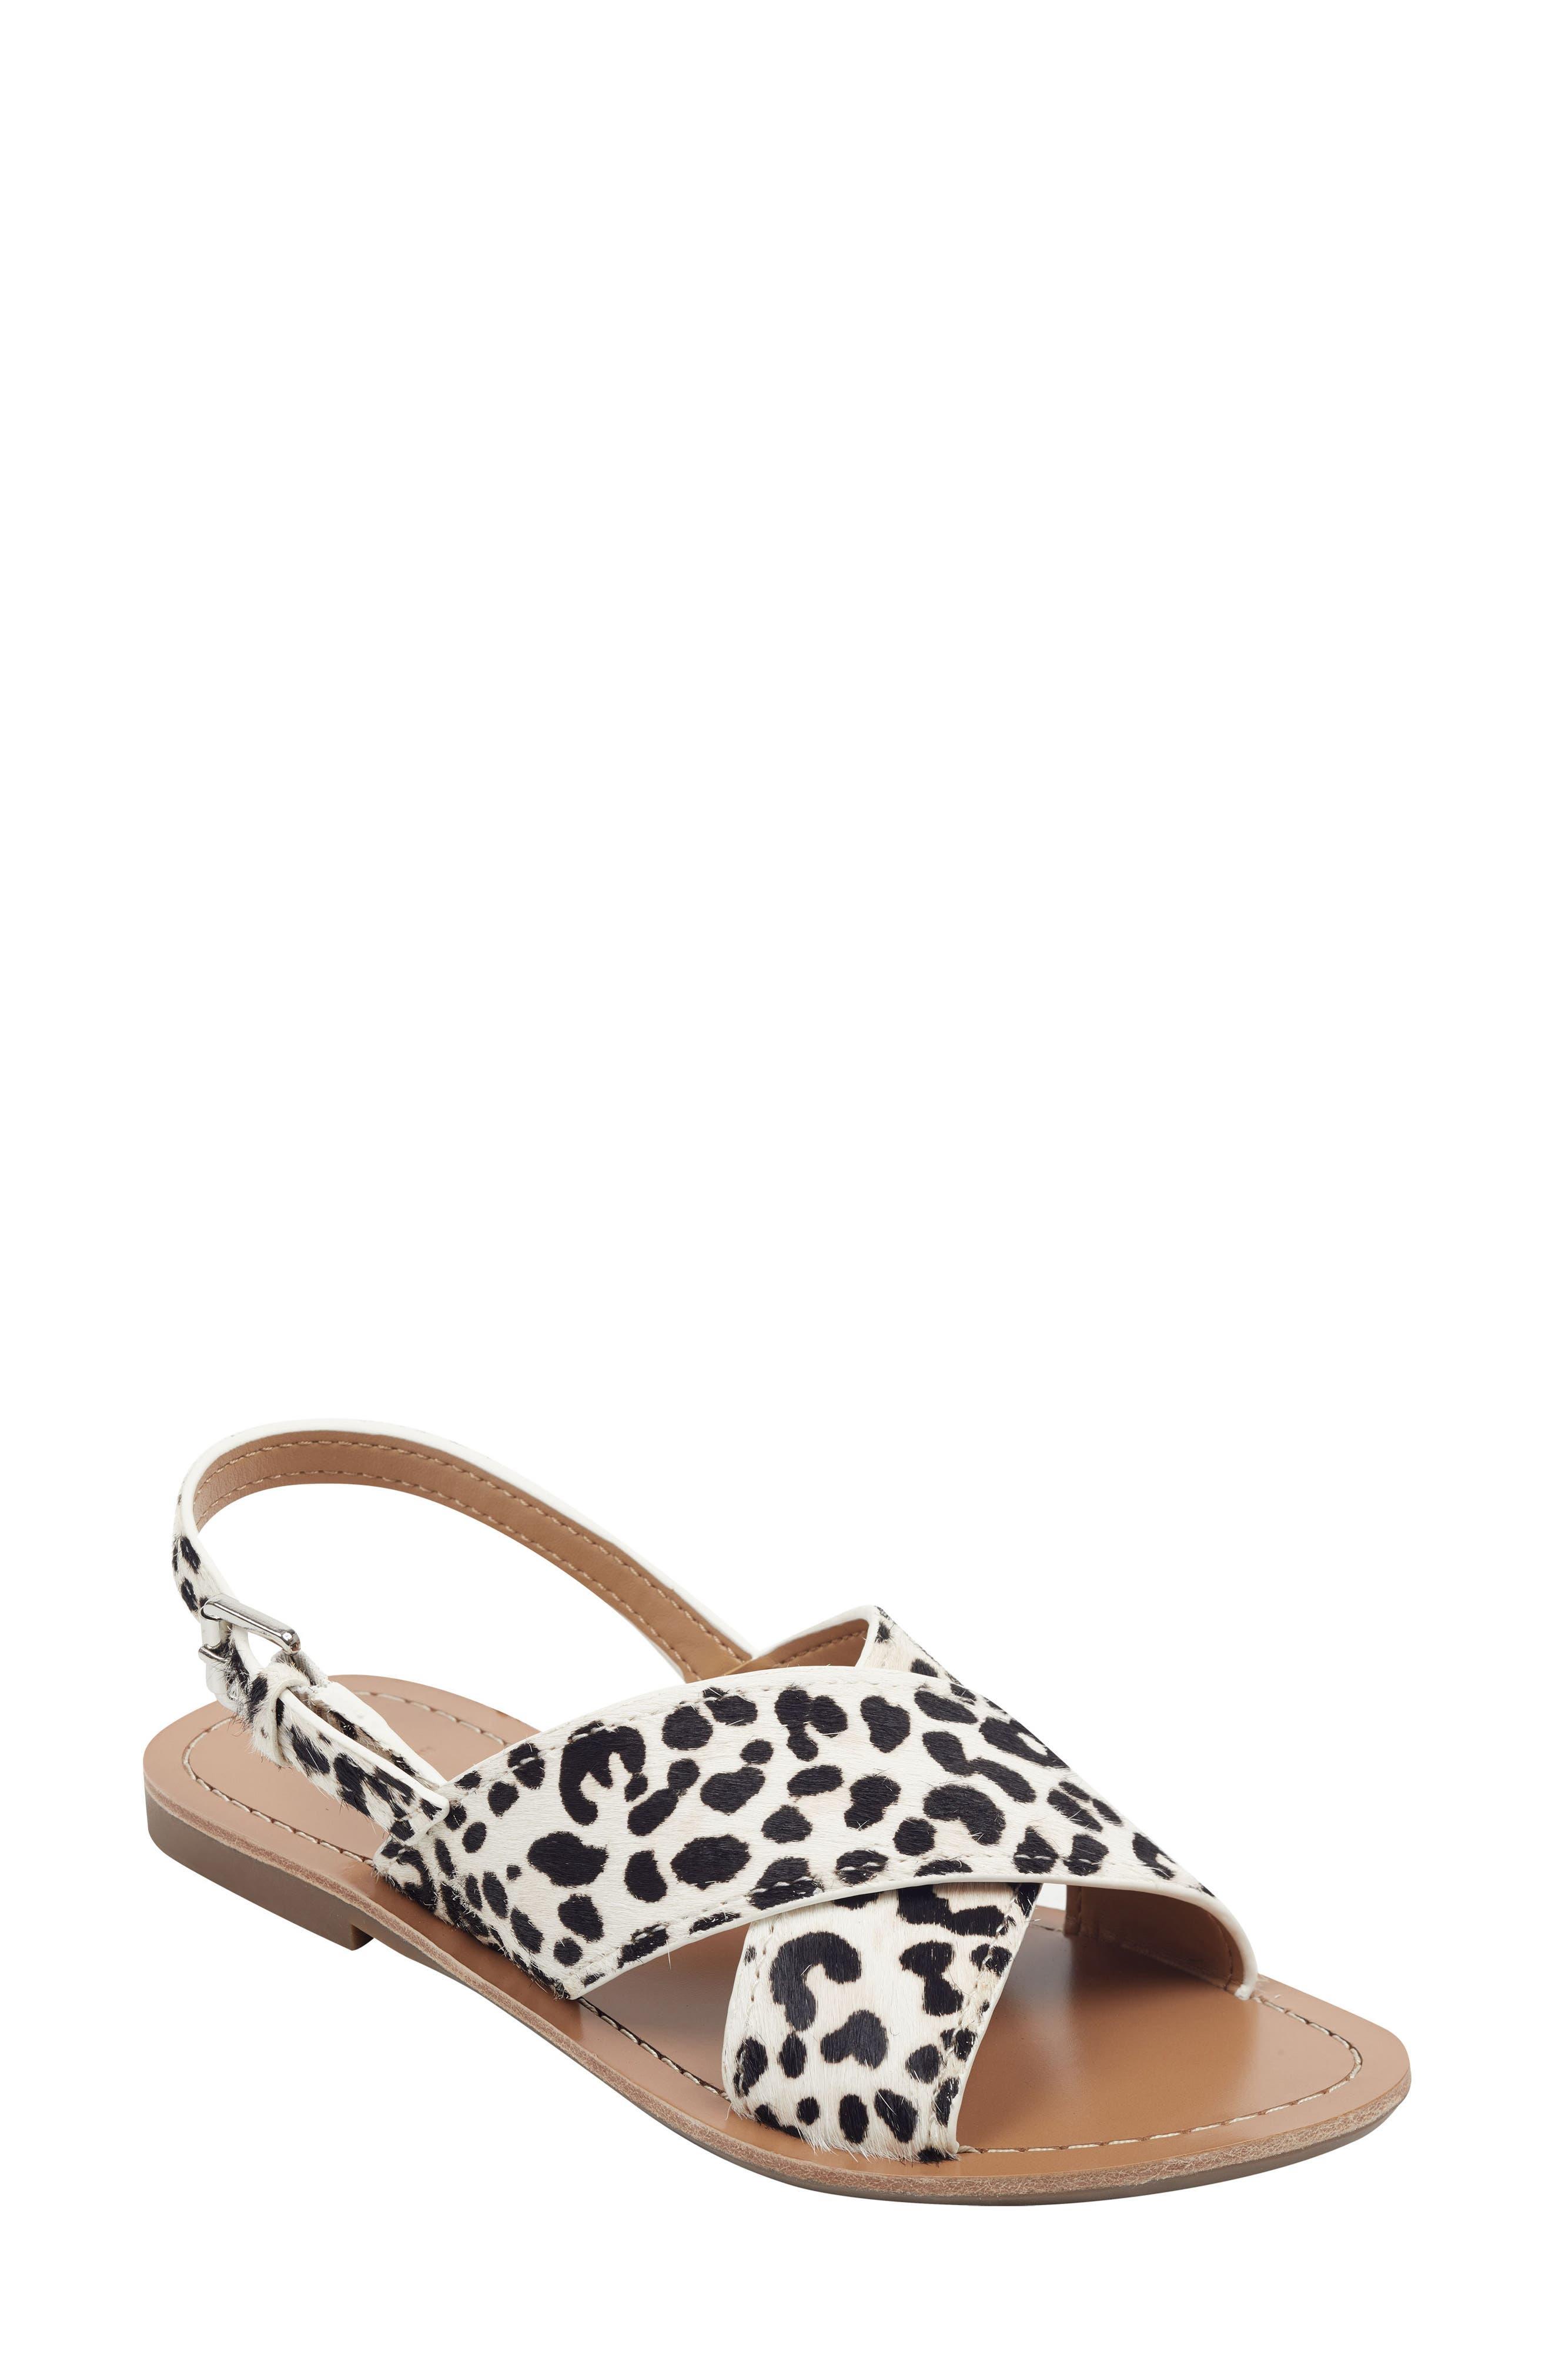 Marc Fisher Ltd Rite Sandal, White